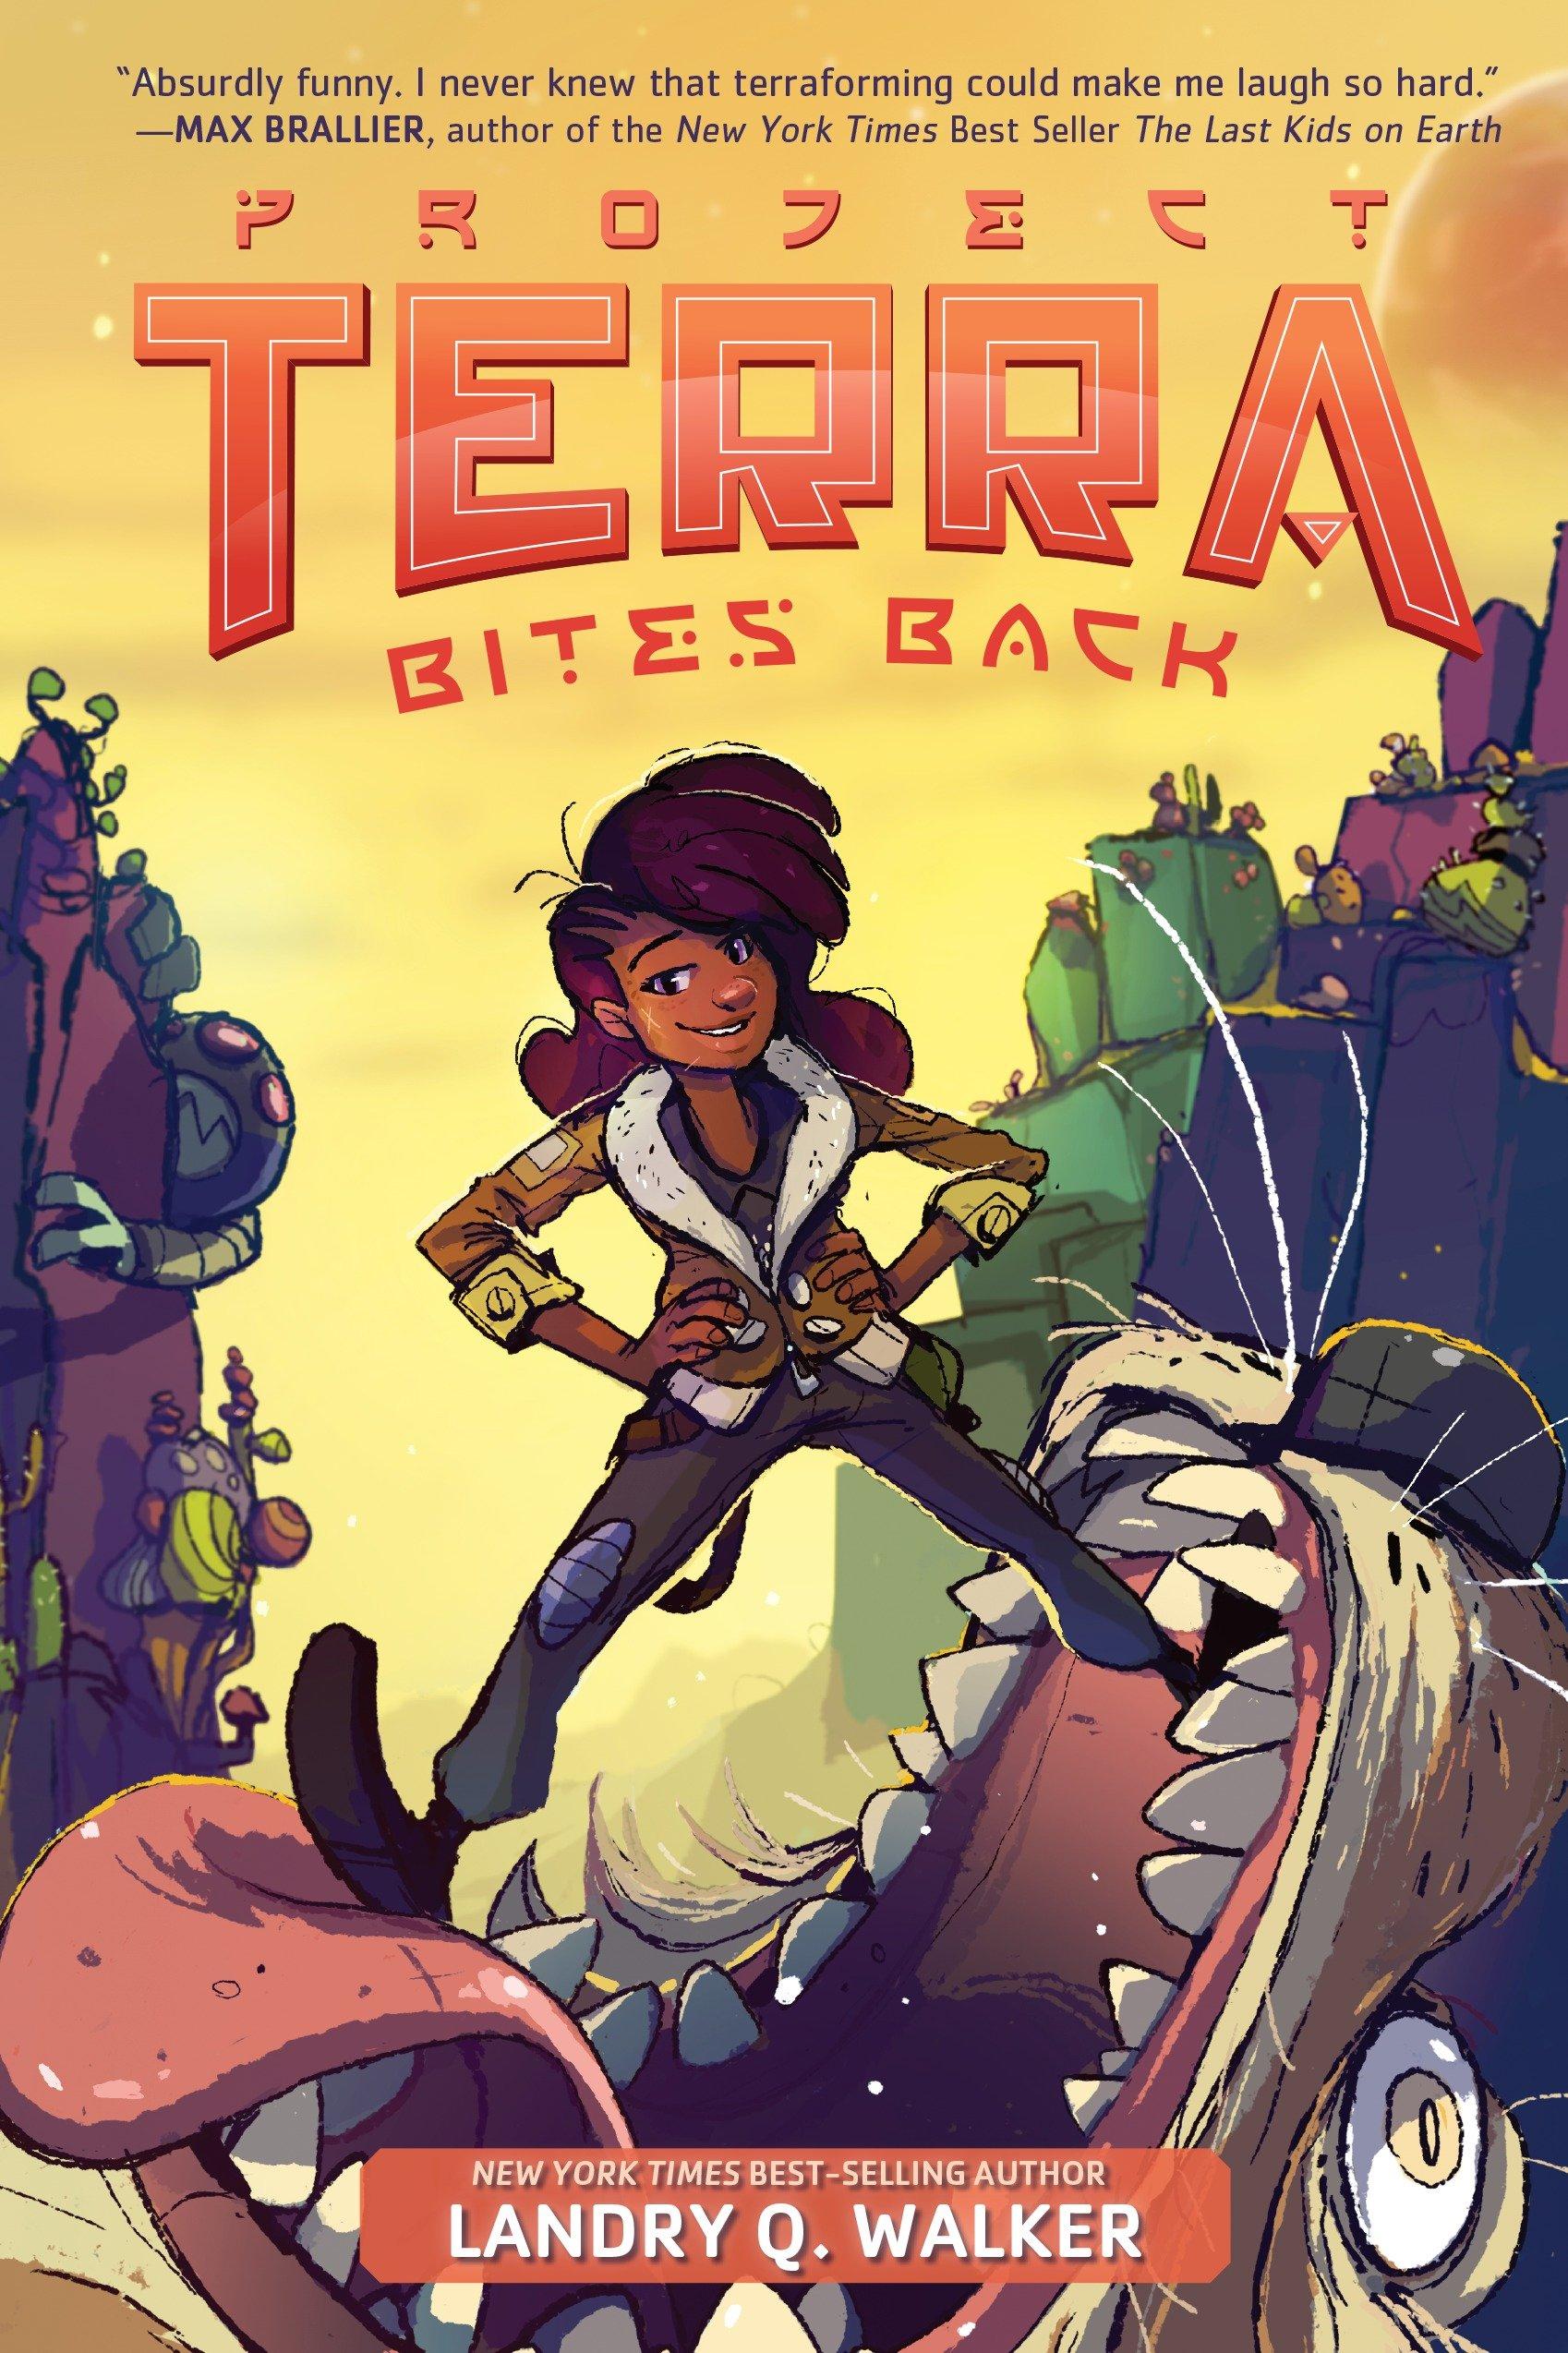 Book 2 : Bites Back